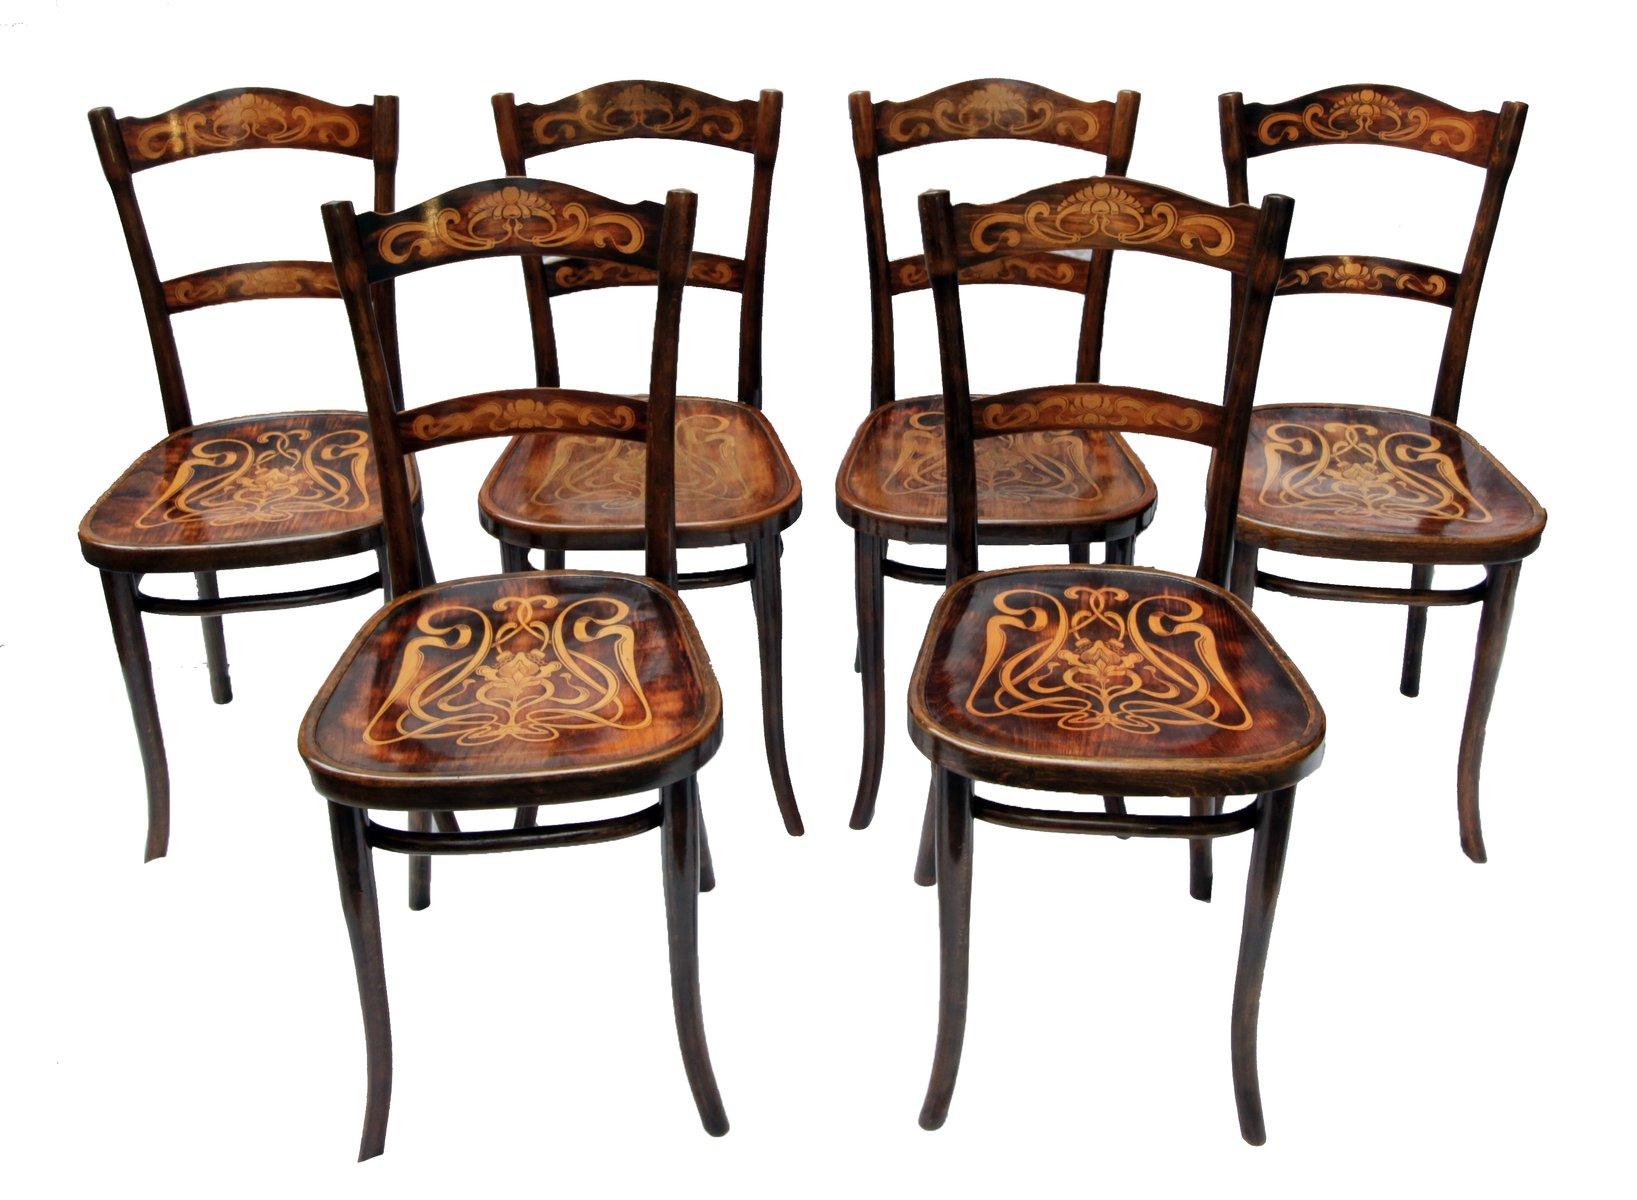 Sedie da pranzo antiche in legno decorato di thonet set for Sedie da pranzo design